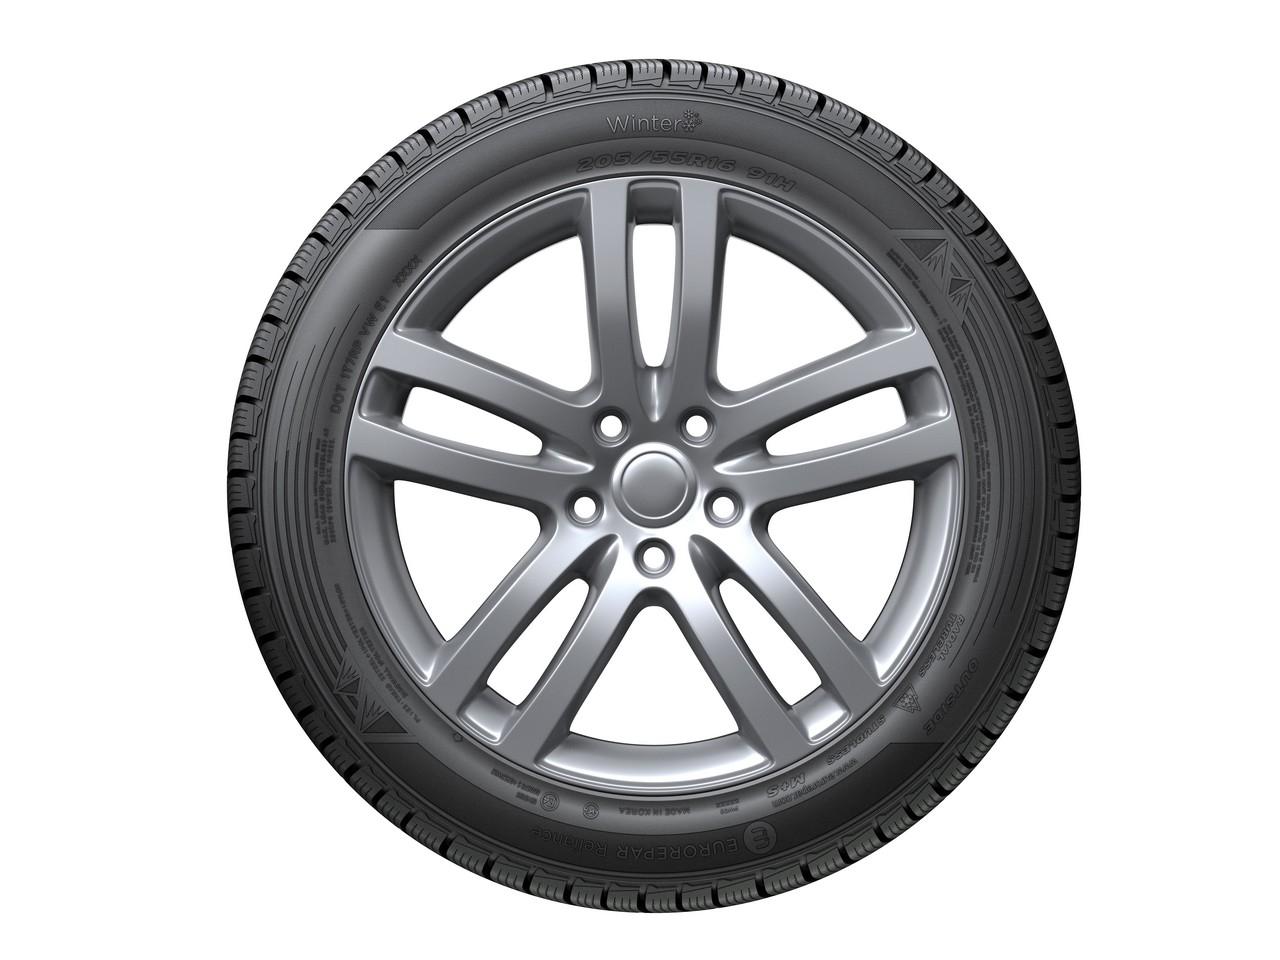 Reliance Winter, le nouveau pneu hiver d